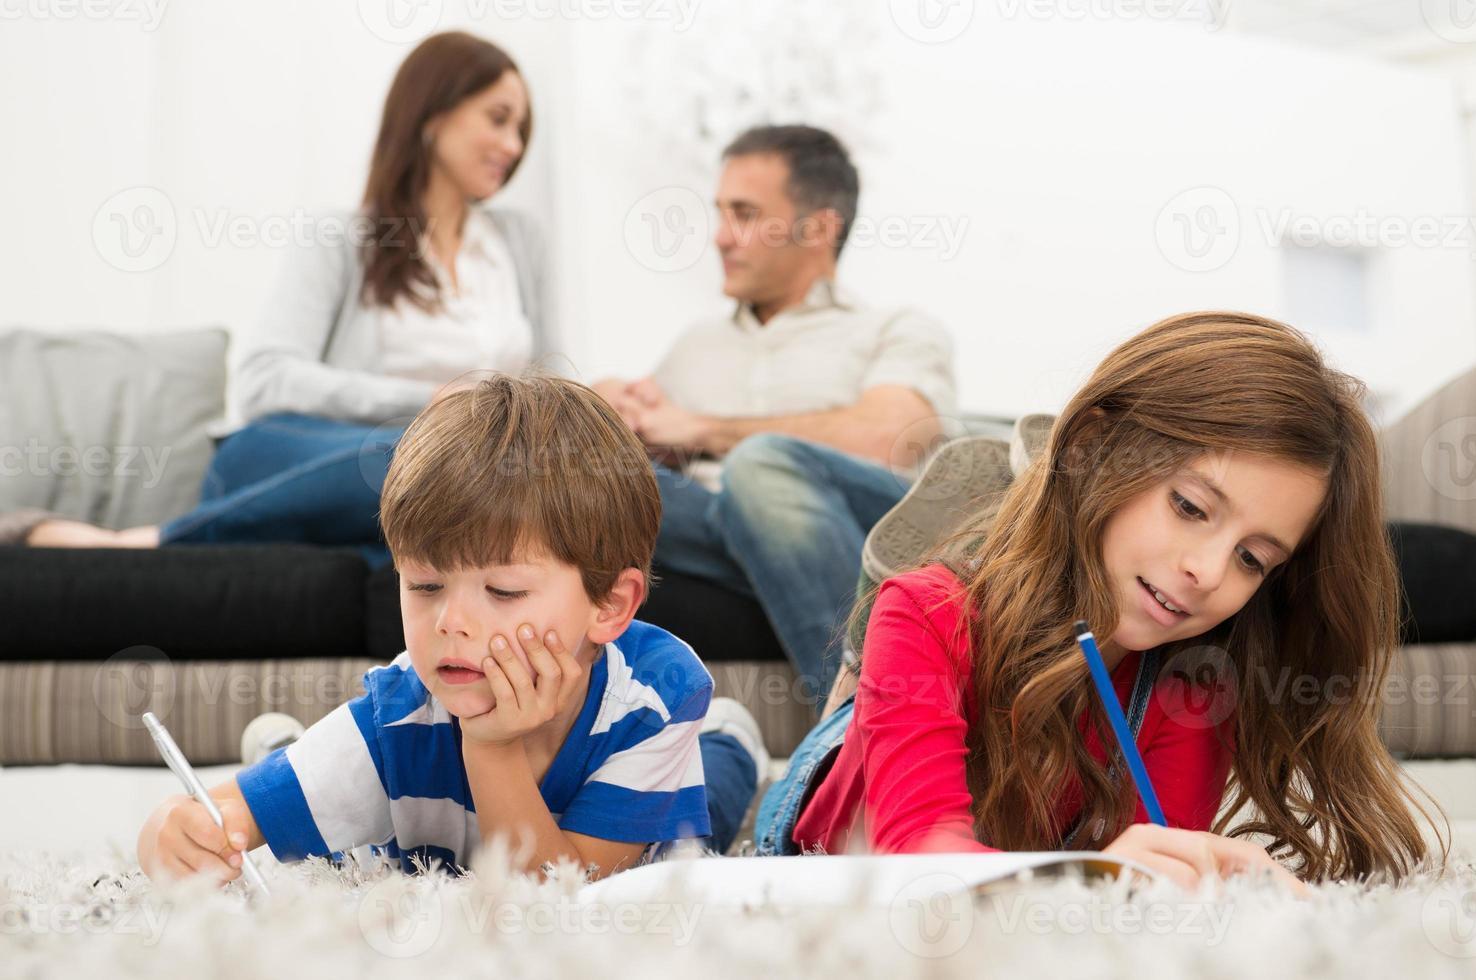 bambini che studiano sdraiati sul pavimento foto